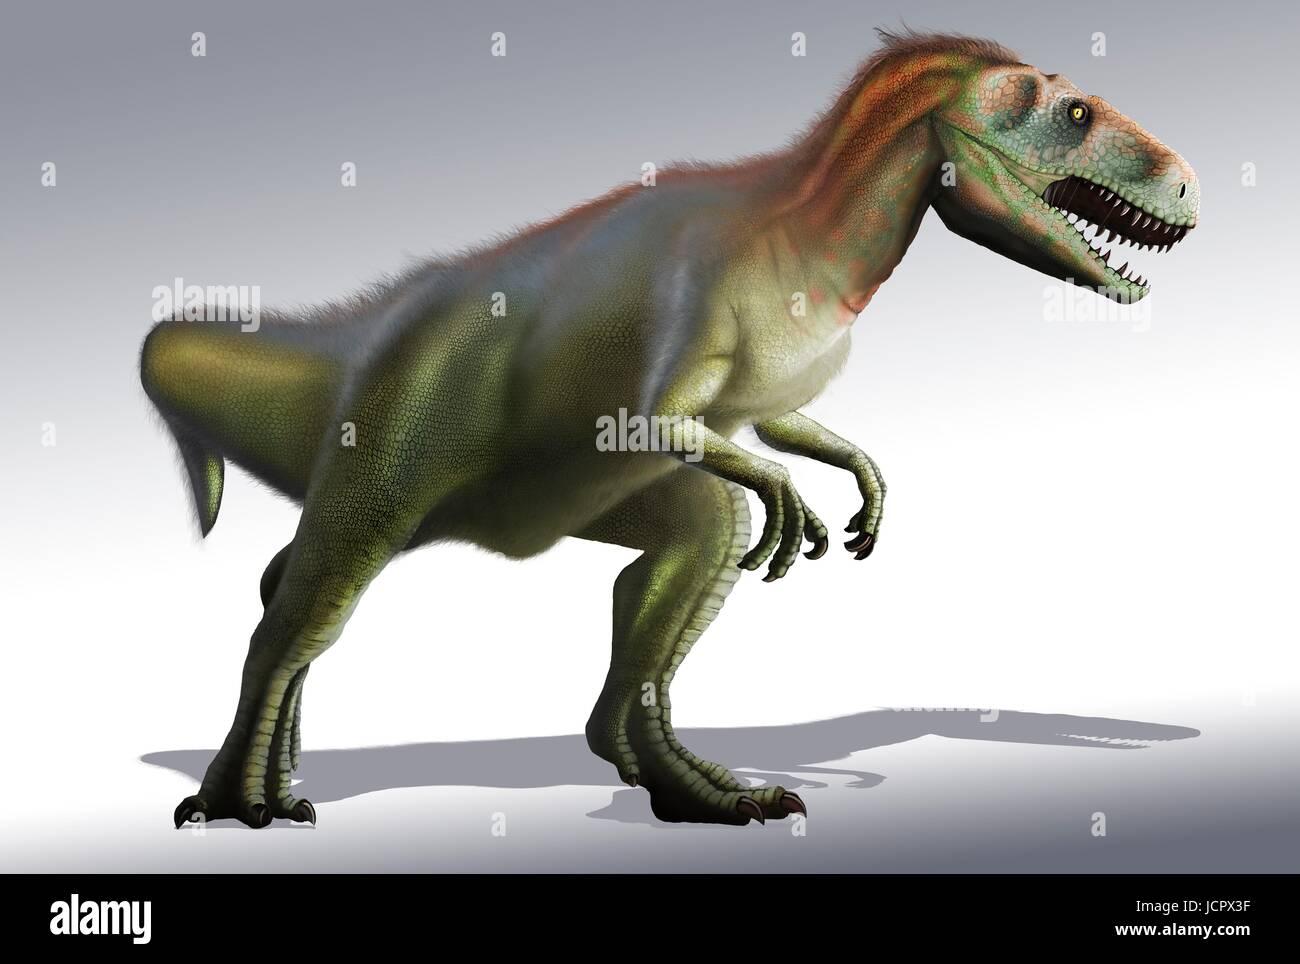 Megalosaurus est genre disparu les dinosaures carnivores, les théropodes,à partir de la période du Jurassique moyen en surface de 166 millions d'histoire,il y a des années.Il a vécu dans ce qui est maintenant le sud de l'Angleterre.Le premier fossile de dinosaure jamais trouvé,dès 1676,était probablement cuisse fragment qui appartenait à Megalosaurus.Cet animal a été moyennes théropode,6 à 7 m de long pesant environ une tonne.compréhension moderne est que megalosaurus peut avoir été couvert de plumes duveteuses,notamment le long de son dos le ventre. Banque D'Images